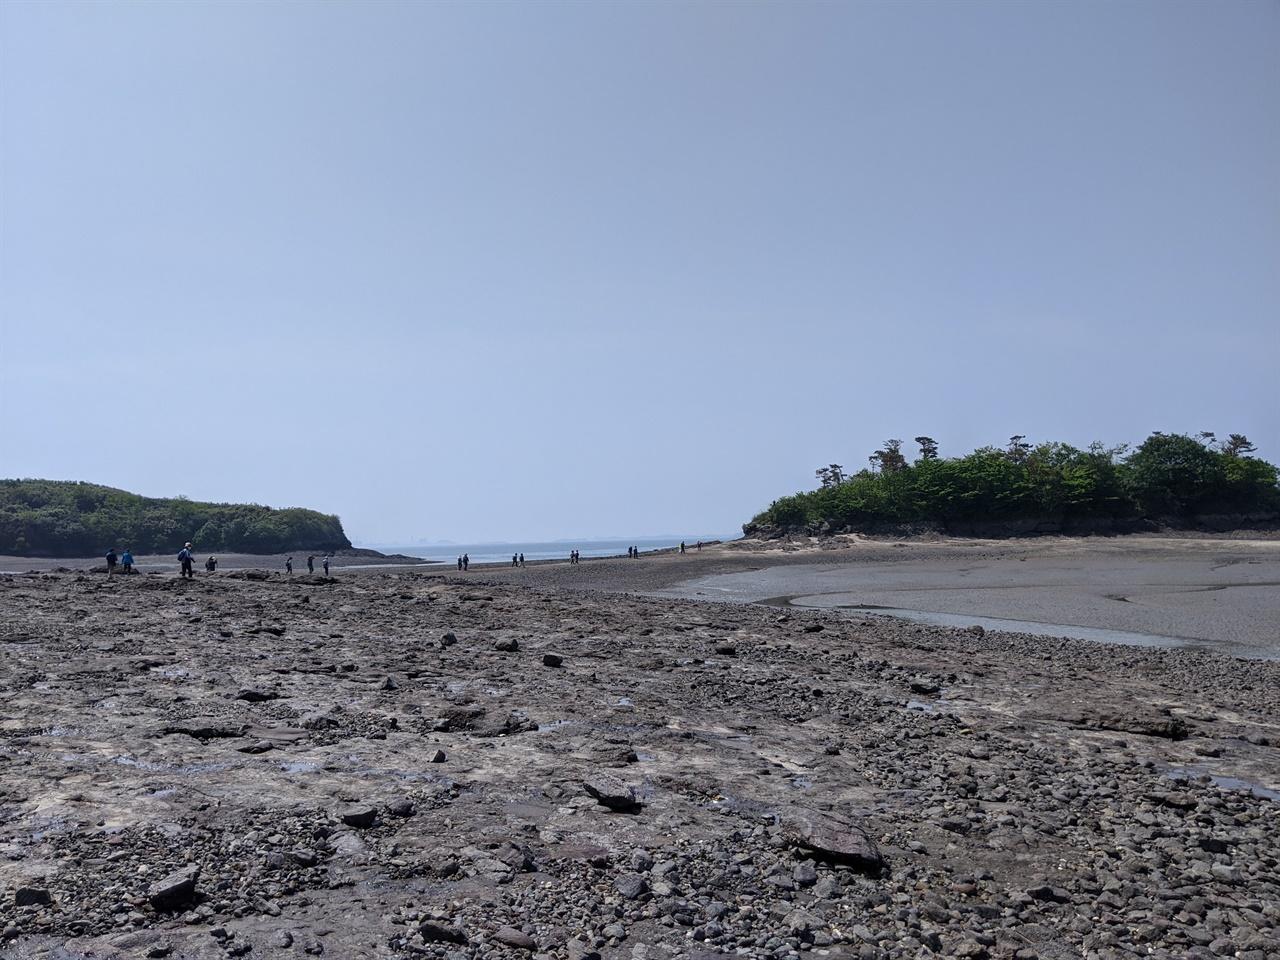 큰 달섬으로 가는 길 마침 썰물 때라 달섬으로 가는 바닷길이 열려 있었다.